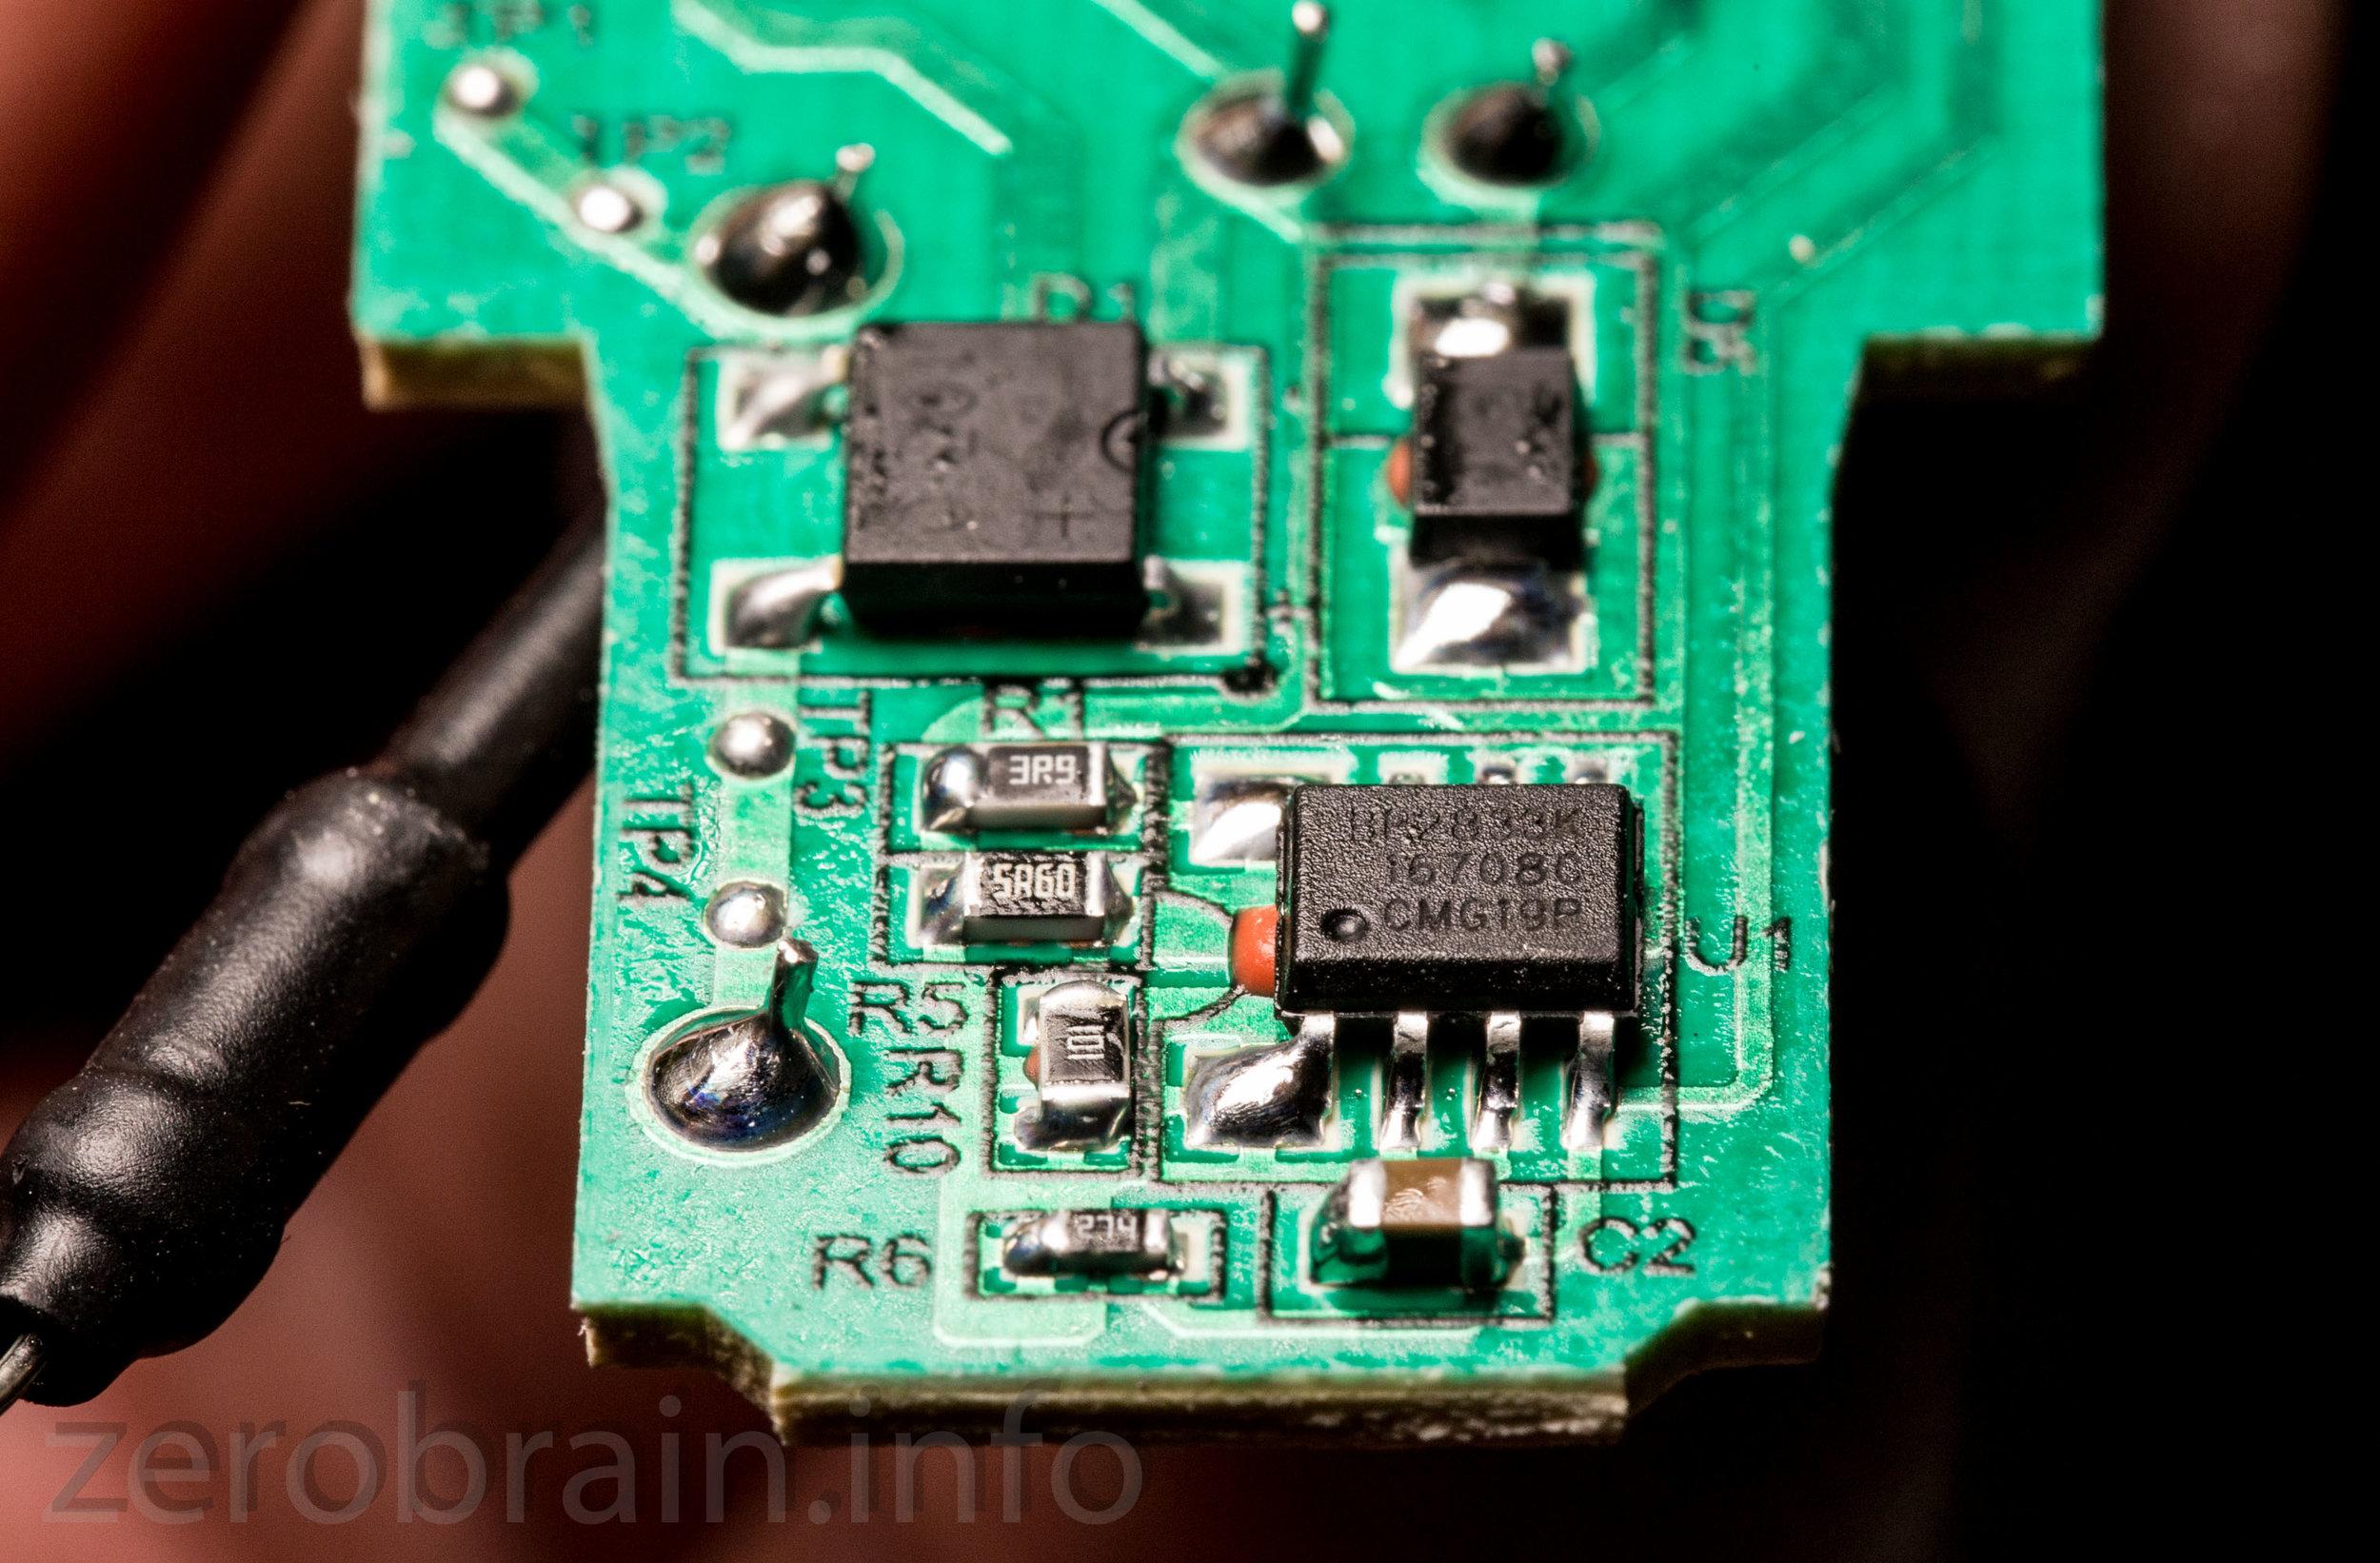 Ein alter bekannter: Der BP2833 wird in der Philips LED verwendet